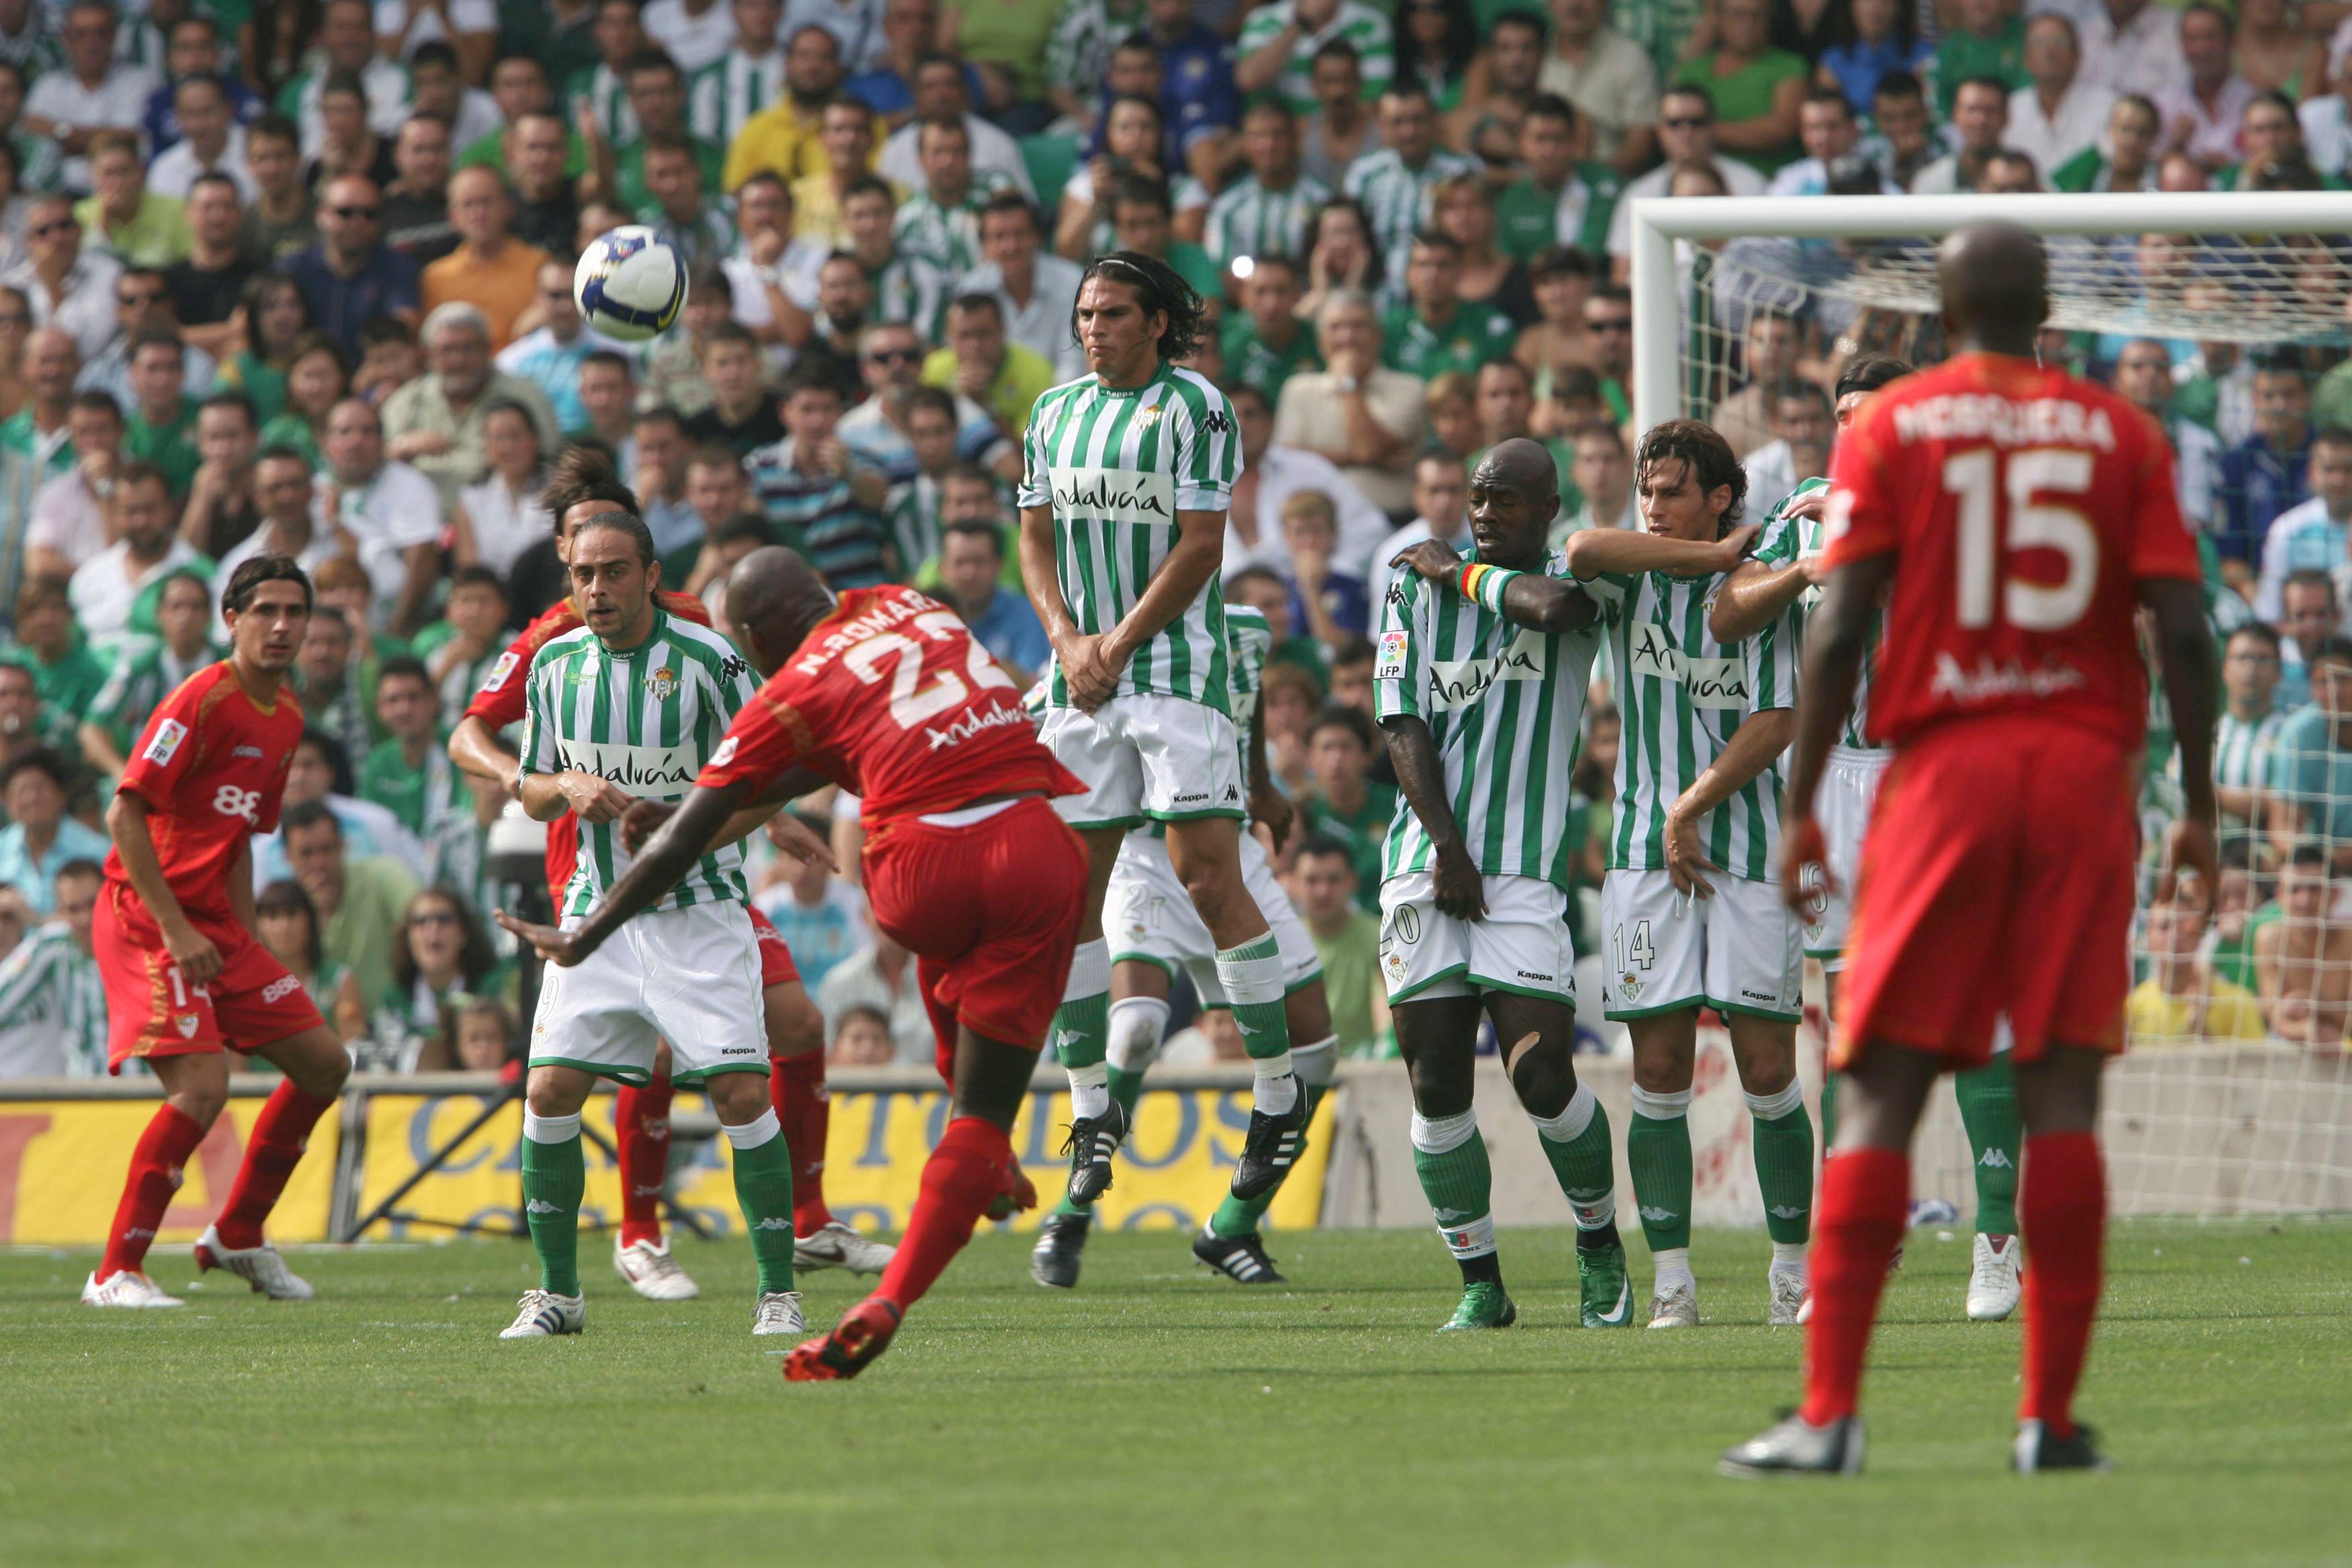 Испанская Ла лига. Пять матчей 14-го тура, которые нельзя пропустить